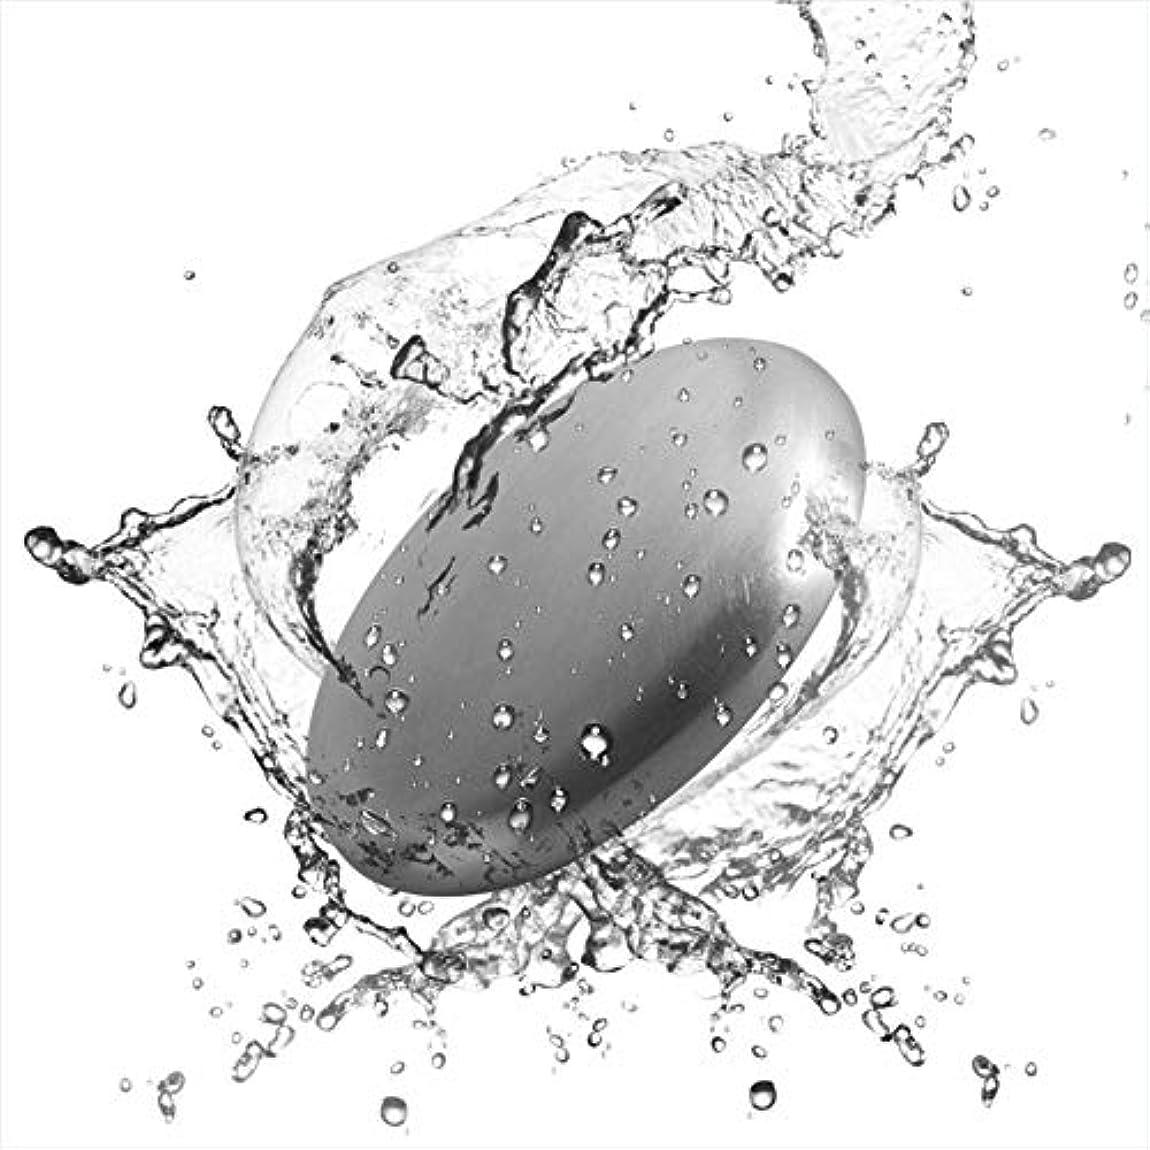 悲劇人物国民Refoiner ステンレス製品 ソープ 実用的な台所用具 石鹸 魚臭 玉ねぎやニンニク 異臭を取り除く 2個